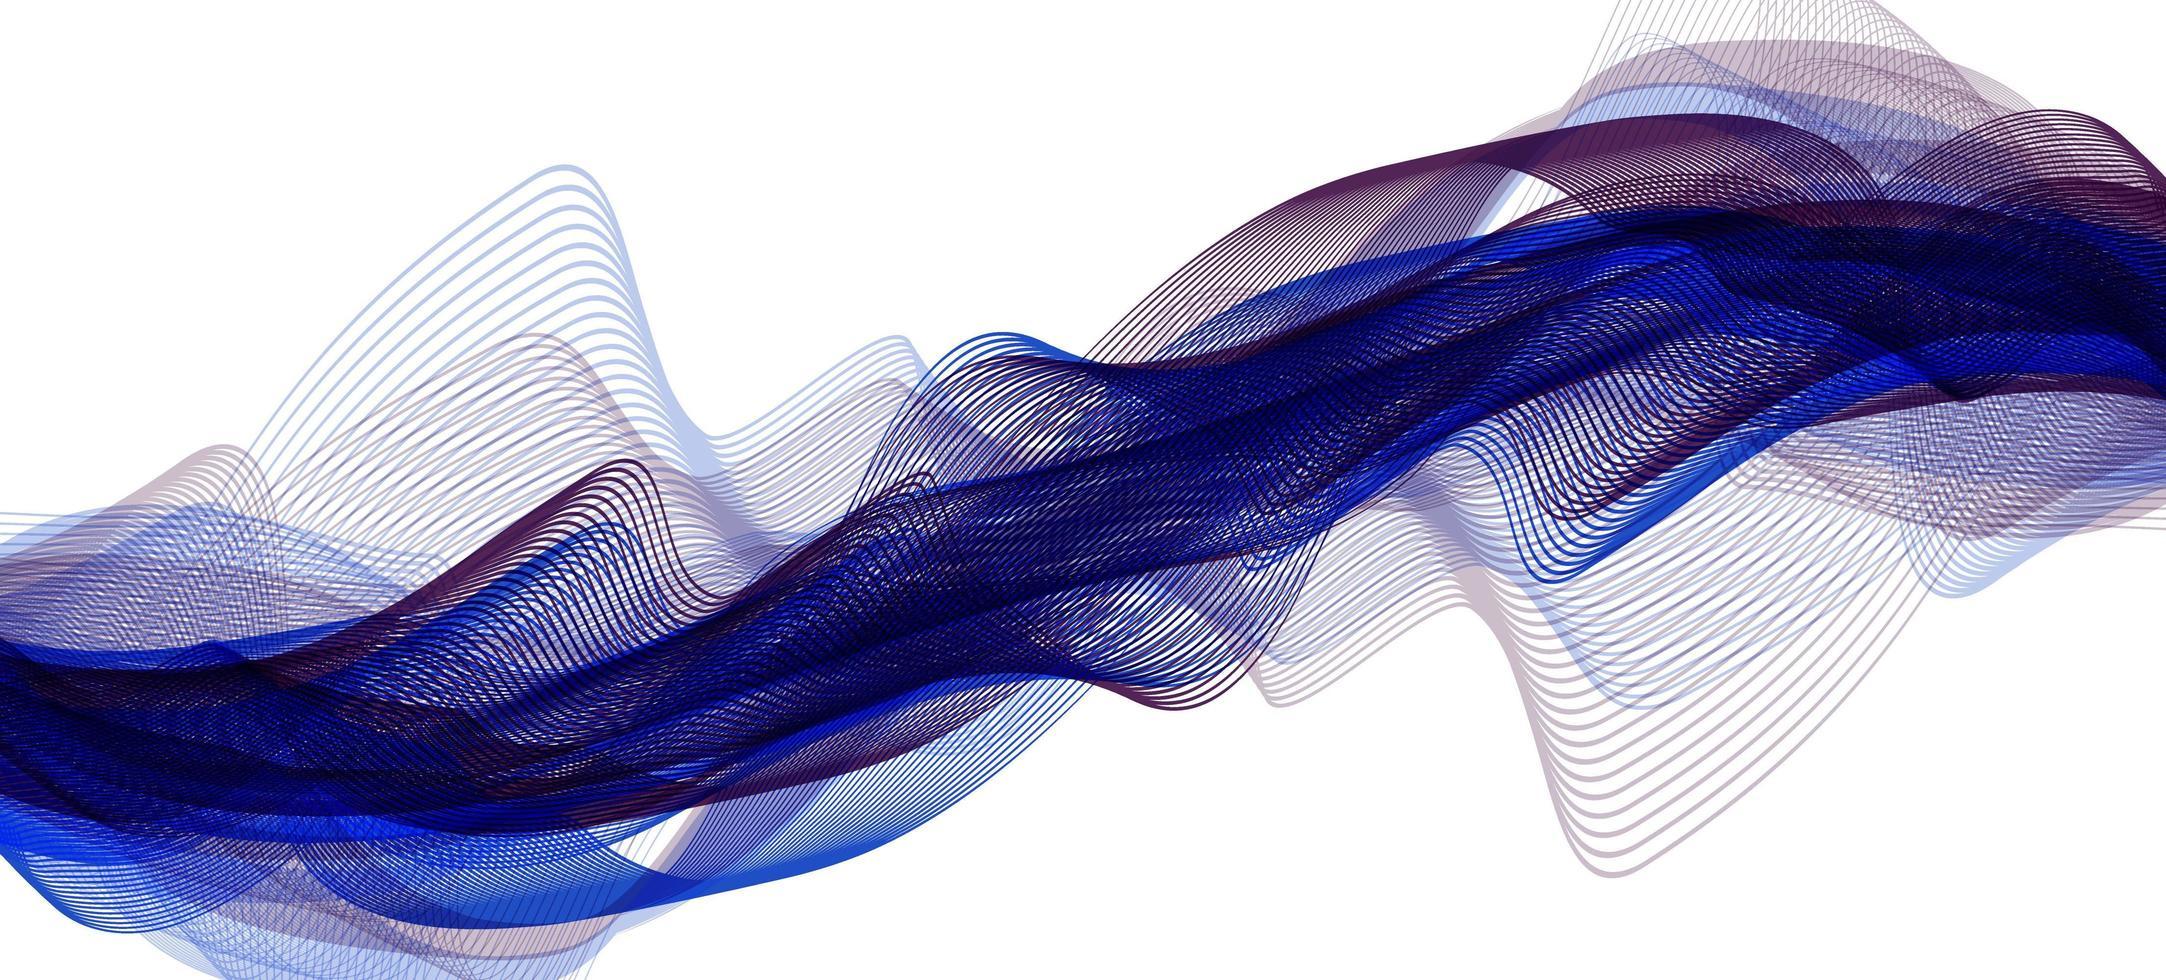 Modern Digital Sound Wave on Ultra Violet Background vector